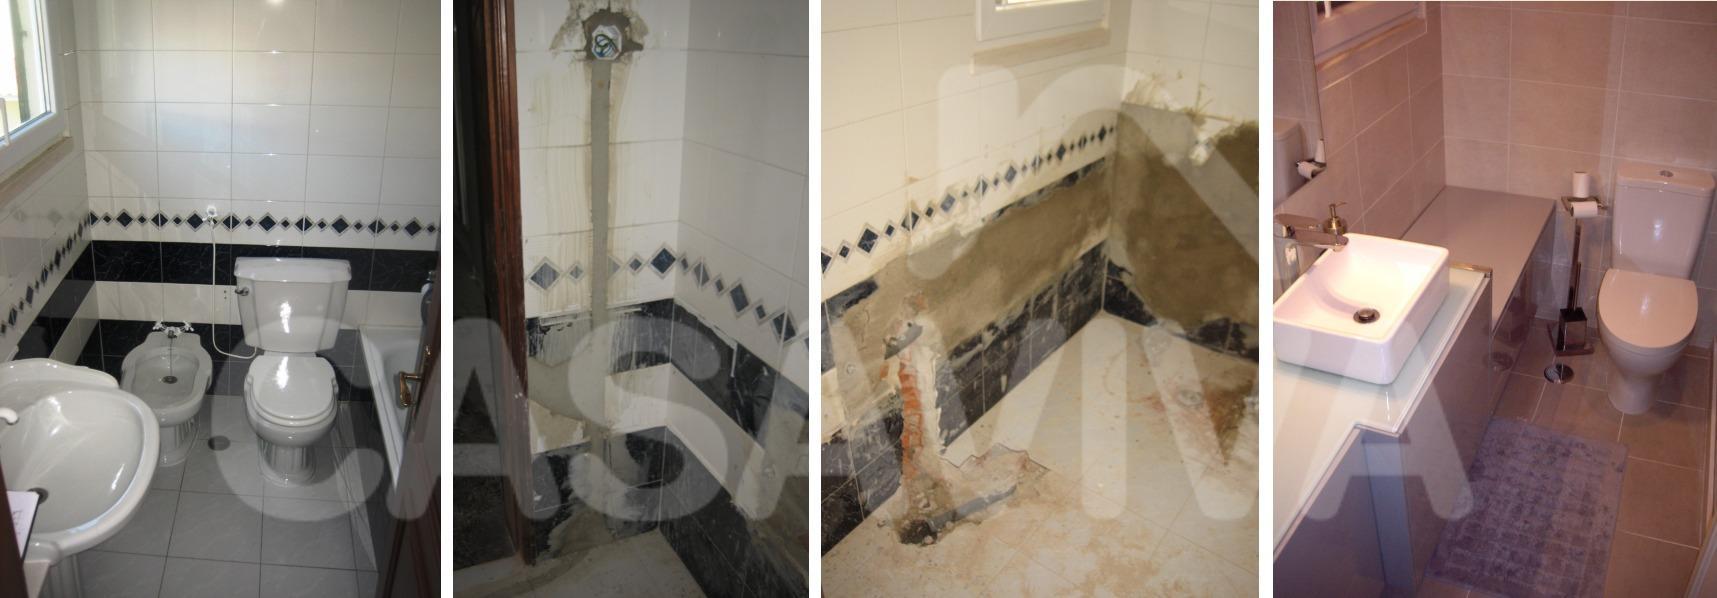 As imagens mostram a evolução dos trabalhos executados nesta instalação sanitária.